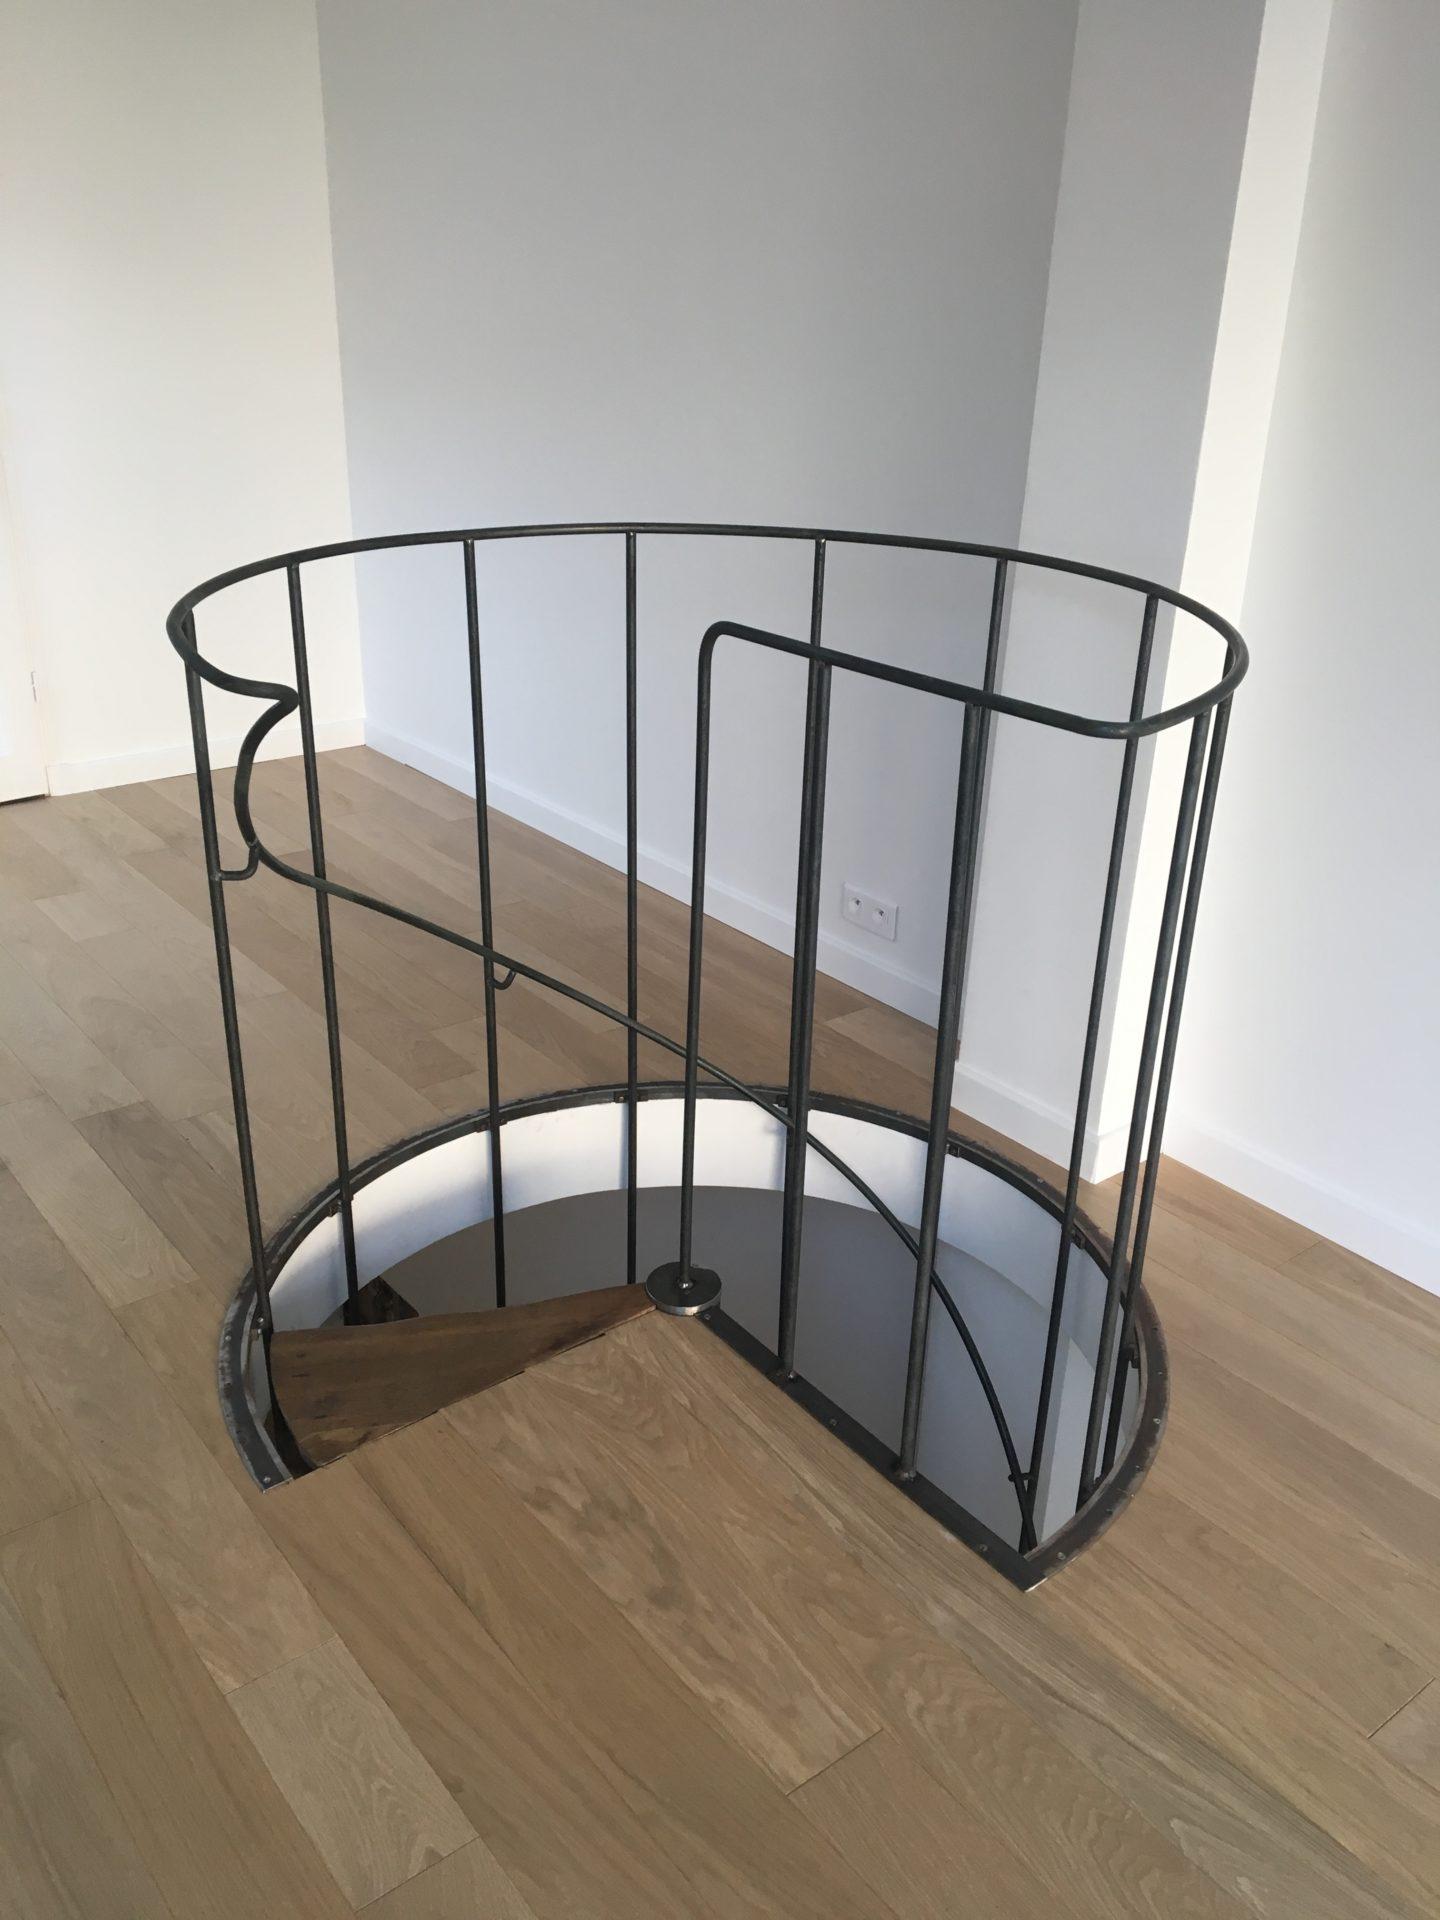 Escalier Val D Oise ferronnerie d'art, serrurerie, métallerie - art métal création